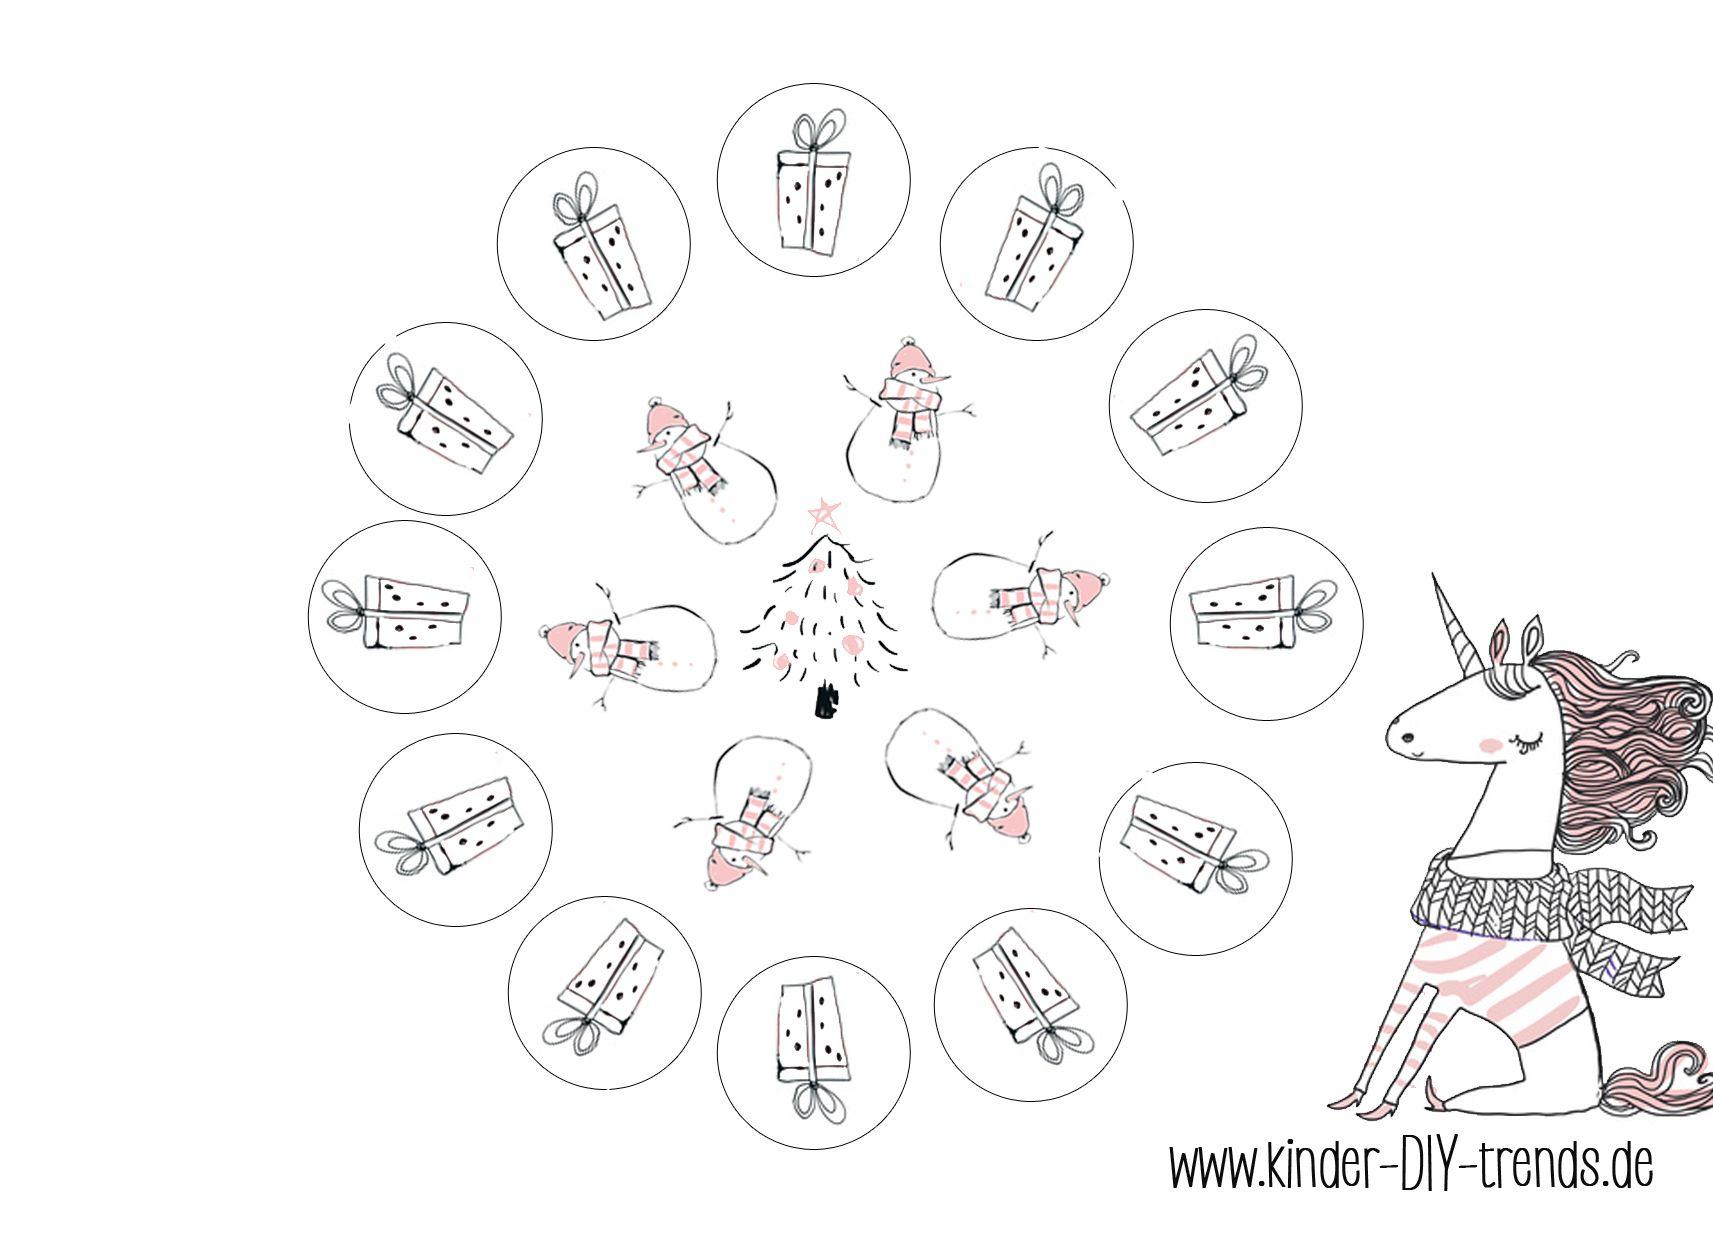 Aktion Kostenlose Einhorn Mandala Vorlage Downloaden Do It Yourself Trends Fur Kinder Mandala Vorlagen Ausmalbilder Zum Ausdrucken Kostenlose Malvorlagen